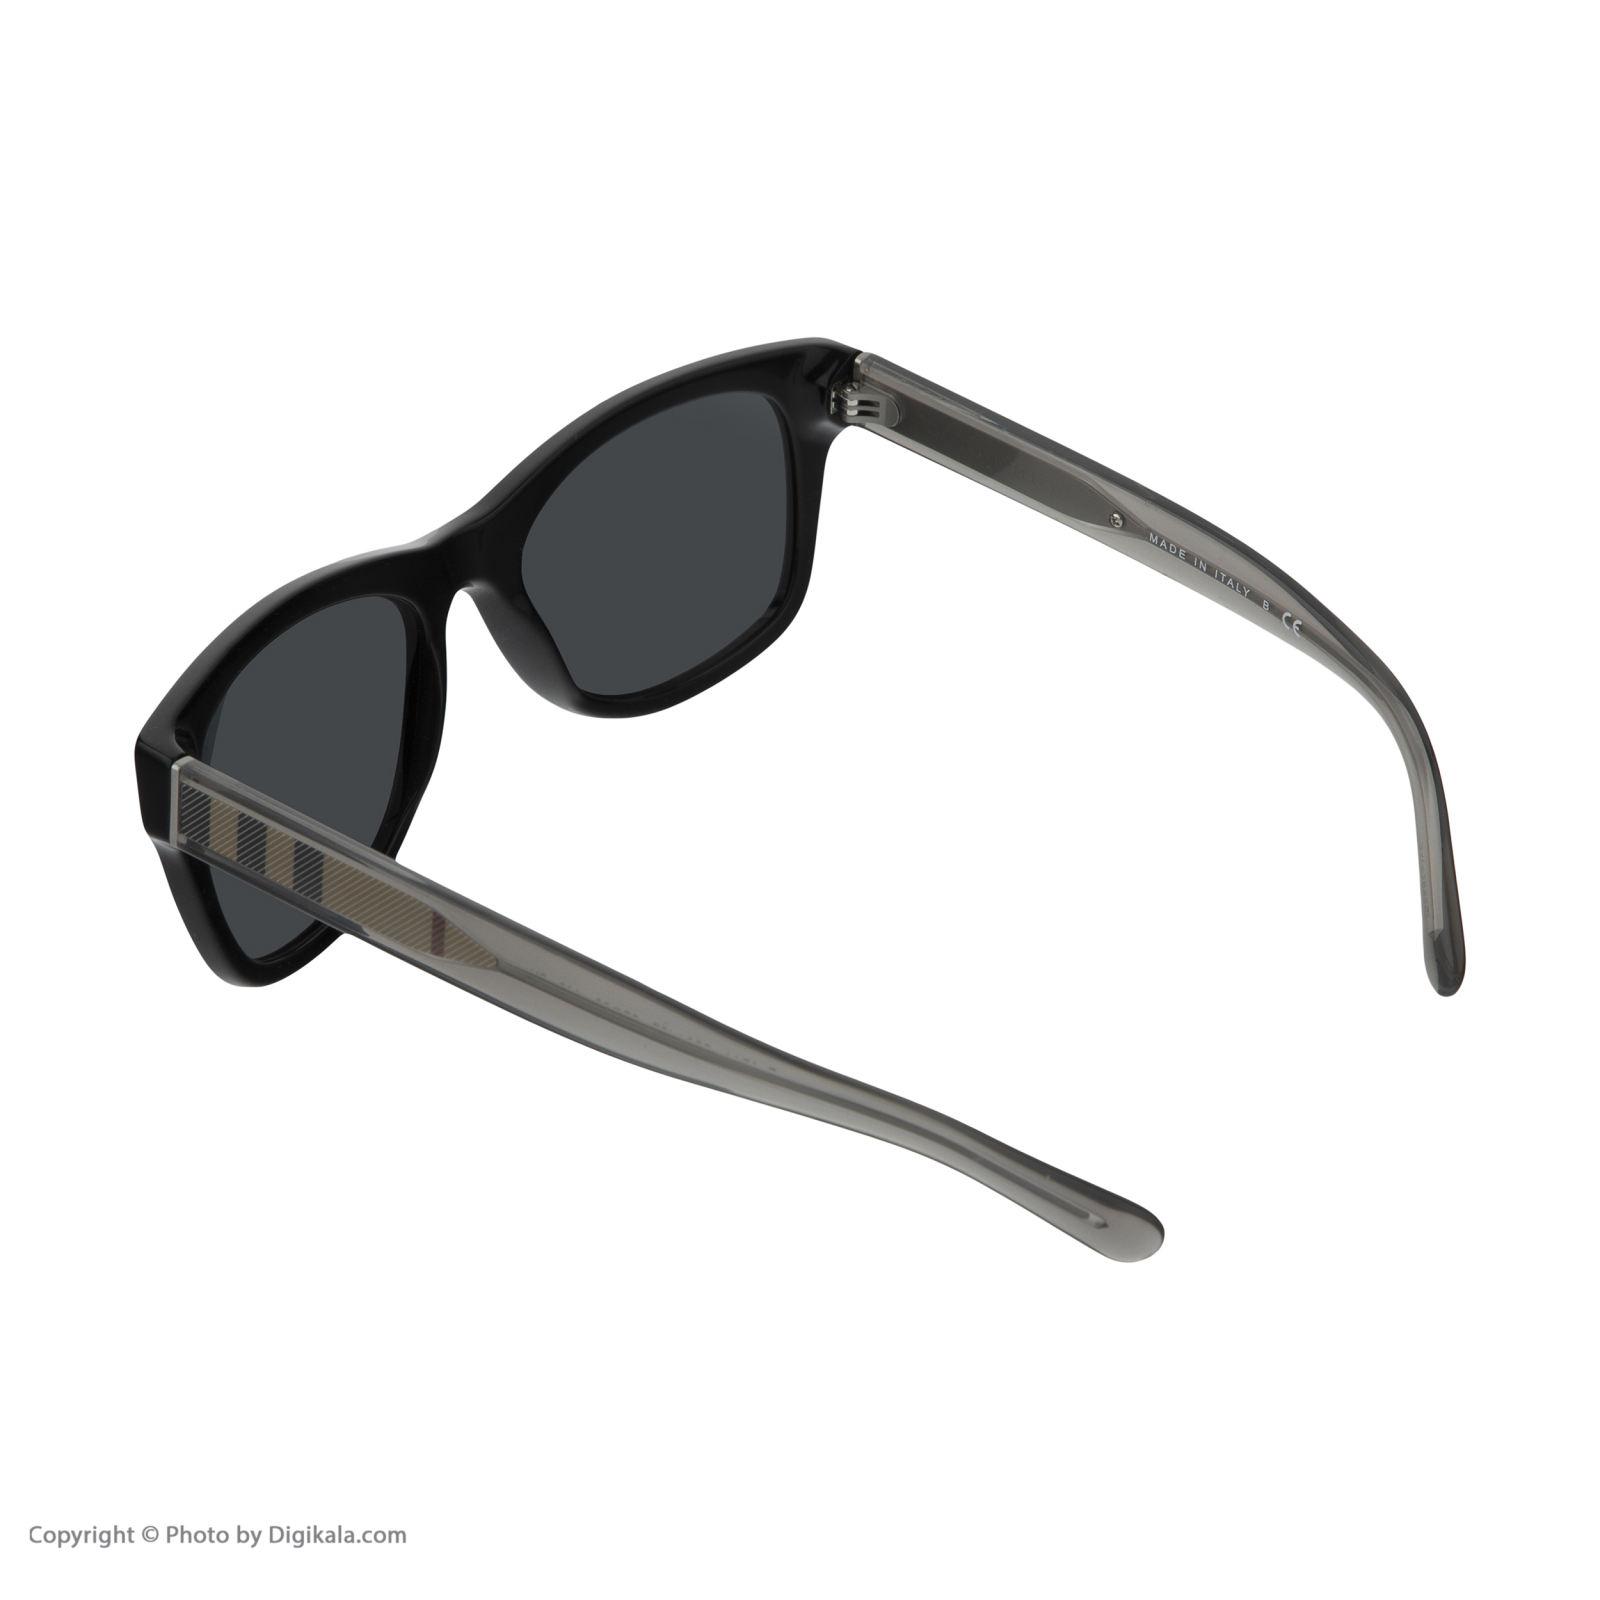 عینک آفتابی زنانه بربری مدل BE 4211S 300187 55 -  - 5